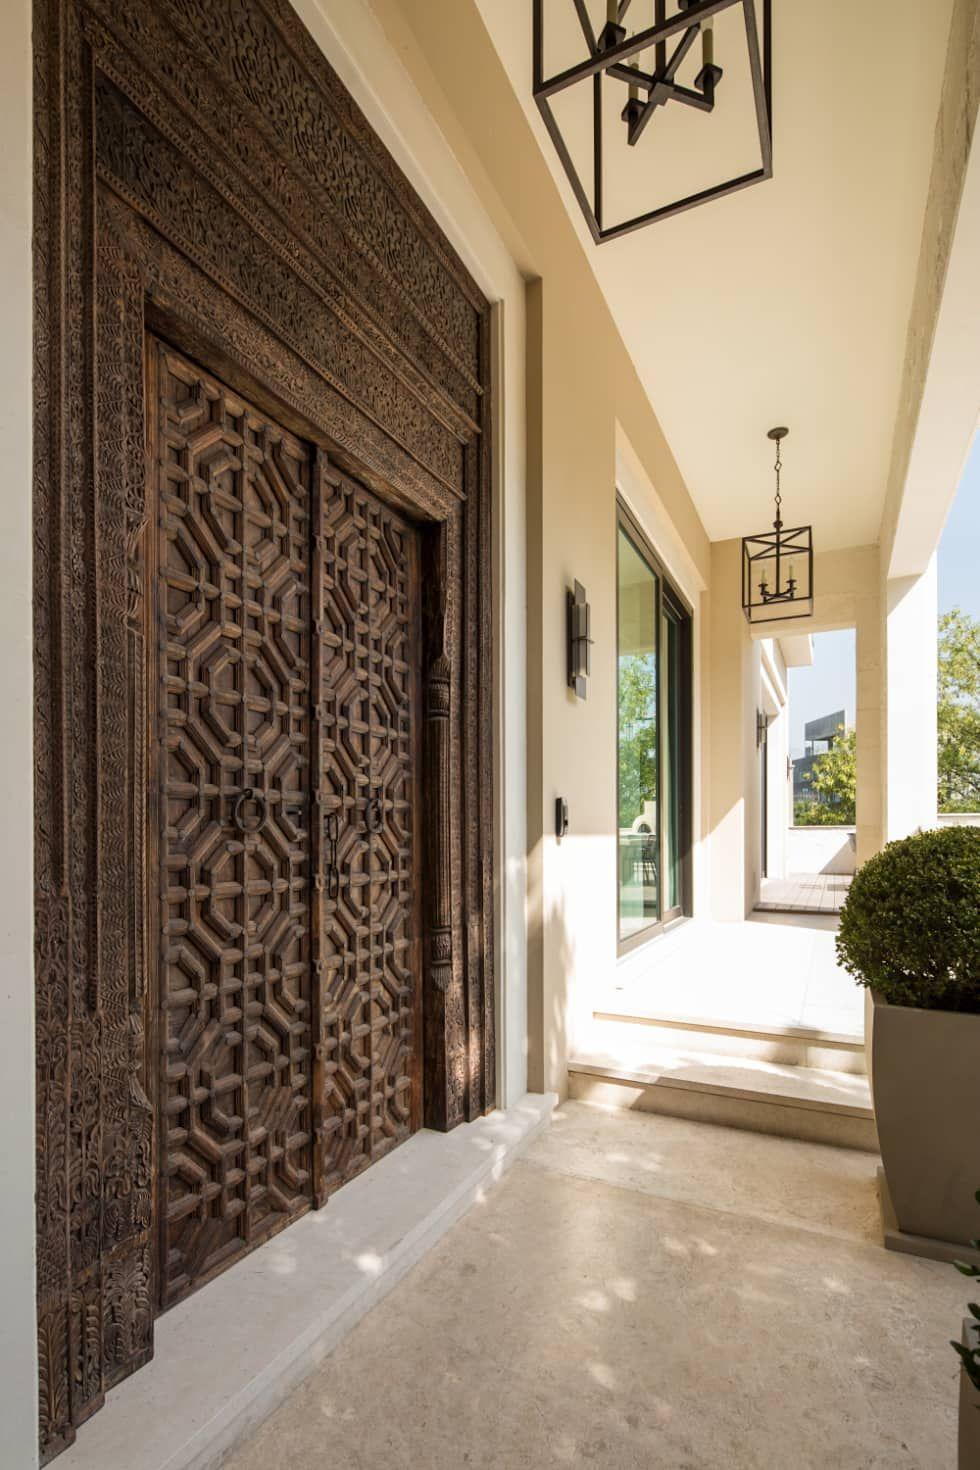 Ideas imágenes y decoración de hogares visual pinterest doors